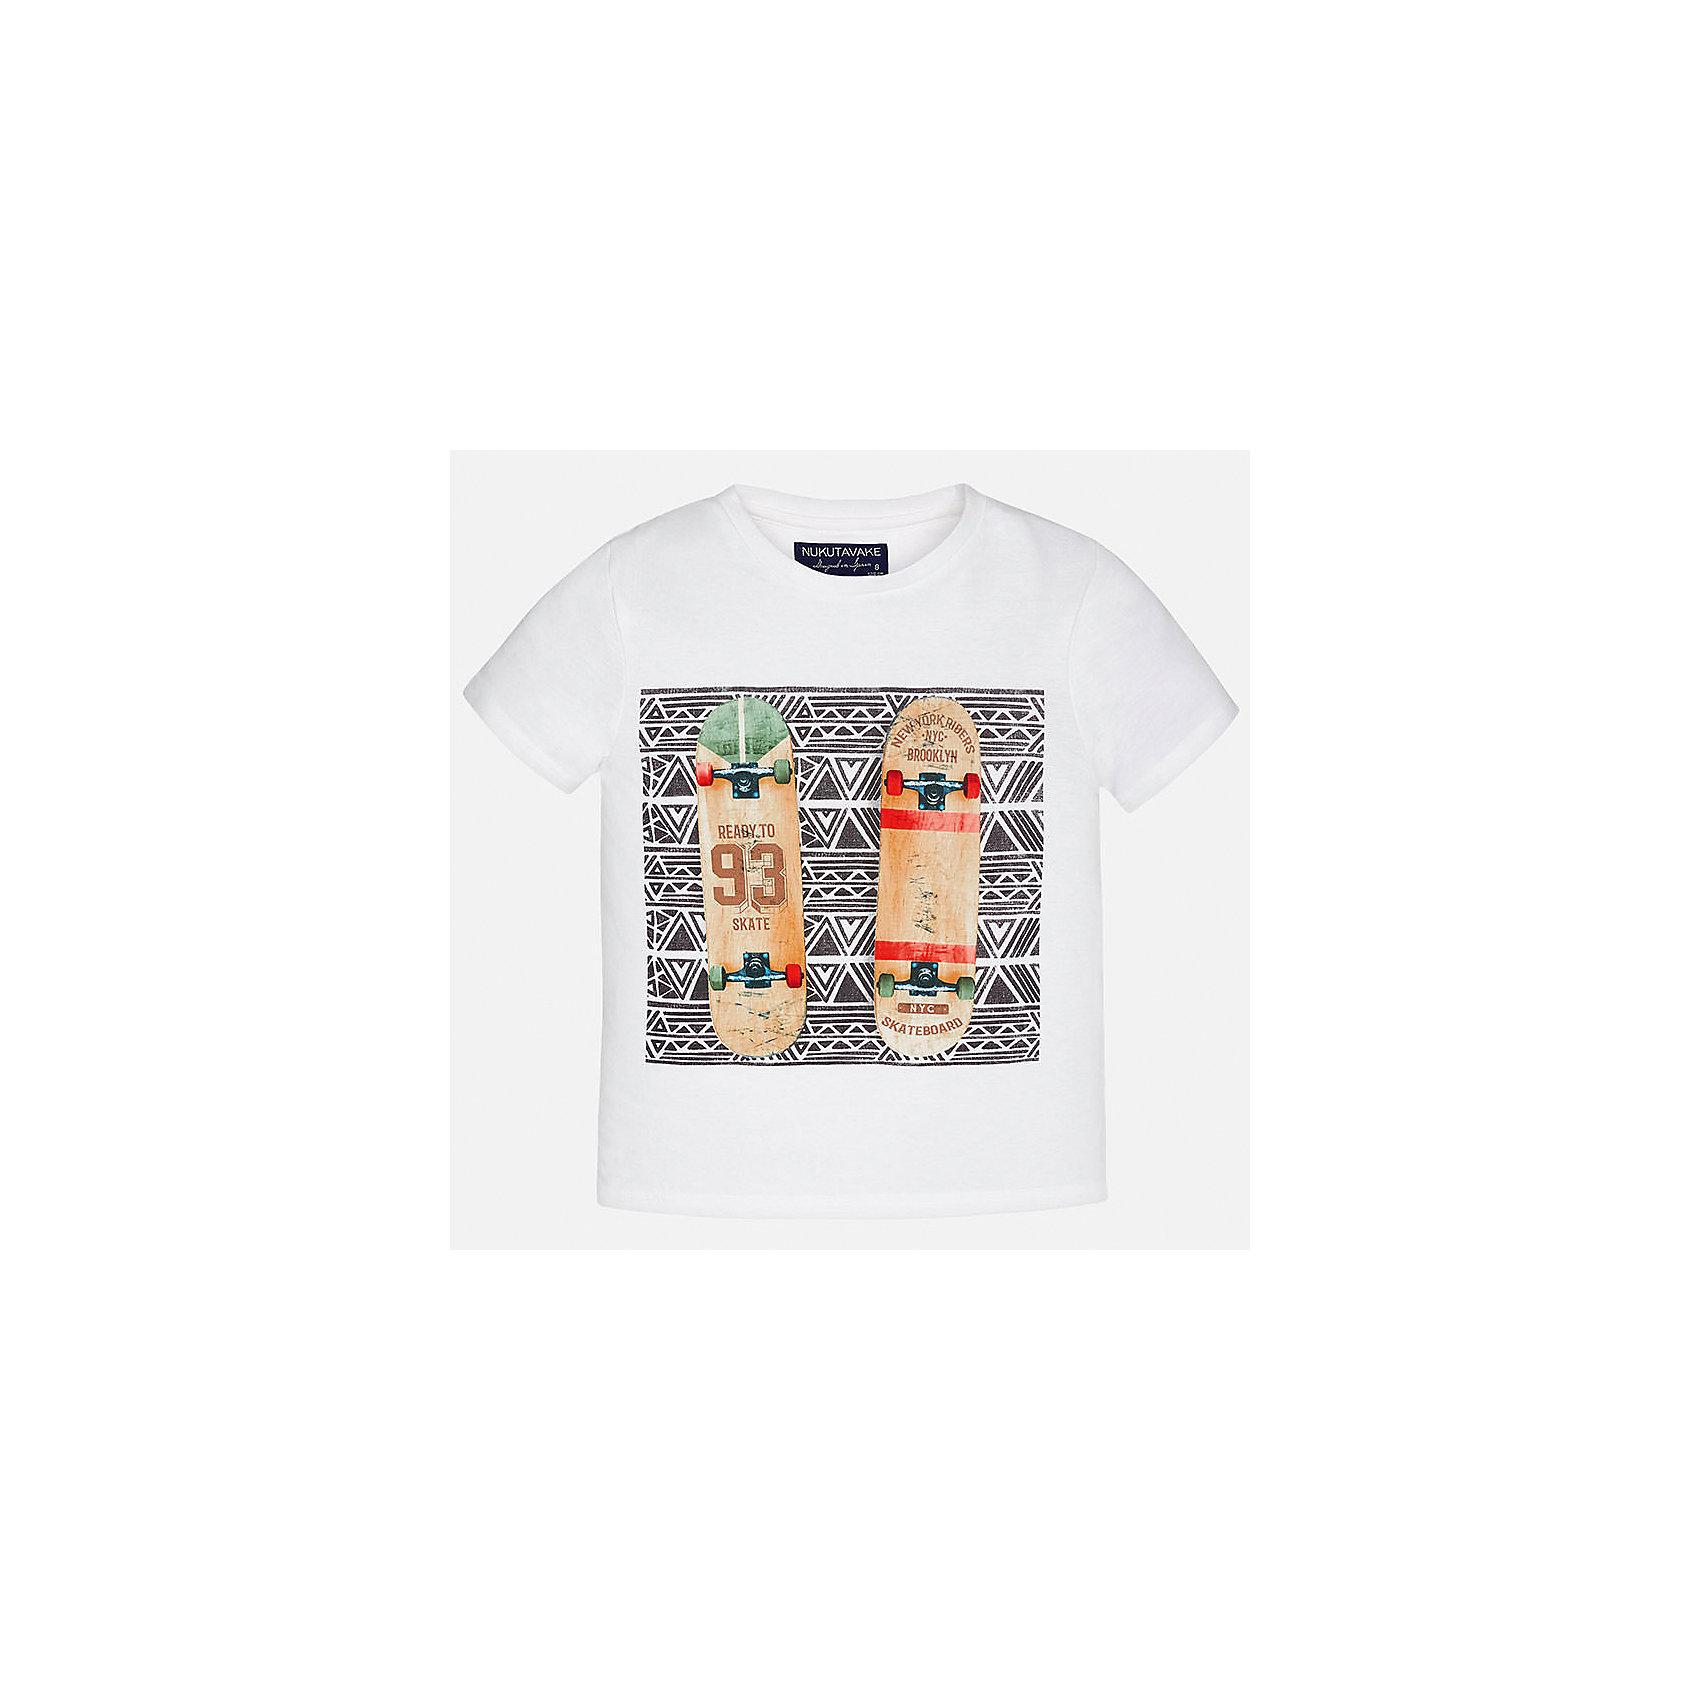 Футболка для мальчика MayoralФутболки, поло и топы<br>Характеристики товара:<br><br>• цвет: белый<br>• состав: 100% хлопок<br>• круглый горловой вырез<br>• декорирована принтом<br>• короткие рукава<br>• мягкая отделка горловины<br>• страна бренда: Испания<br><br>Стильная удобная футболка с принтом поможет разнообразить гардероб мальчика. Она отлично сочетается с брюками, шортами, джинсами. Универсальный крой и цвет позволяет подобрать к вещи низ разных расцветок. Практичное и стильное изделие! Хорошо смотрится и комфортно сидит на детях. В составе материала - только натуральный хлопок, гипоаллергенный, приятный на ощупь, дышащий. <br><br>Одежда, обувь и аксессуары от испанского бренда Mayoral полюбились детям и взрослым по всему миру. Модели этой марки - стильные и удобные. Для их производства используются только безопасные, качественные материалы и фурнитура. Порадуйте ребенка модными и красивыми вещами от Mayoral! <br><br>Футболку для мальчика от испанского бренда Mayoral (Майорал) можно купить в нашем интернет-магазине.<br><br>Ширина мм: 199<br>Глубина мм: 10<br>Высота мм: 161<br>Вес г: 151<br>Цвет: белый<br>Возраст от месяцев: 144<br>Возраст до месяцев: 156<br>Пол: Мужской<br>Возраст: Детский<br>Размер: 164,170,152,158,140,128/134<br>SKU: 5281416